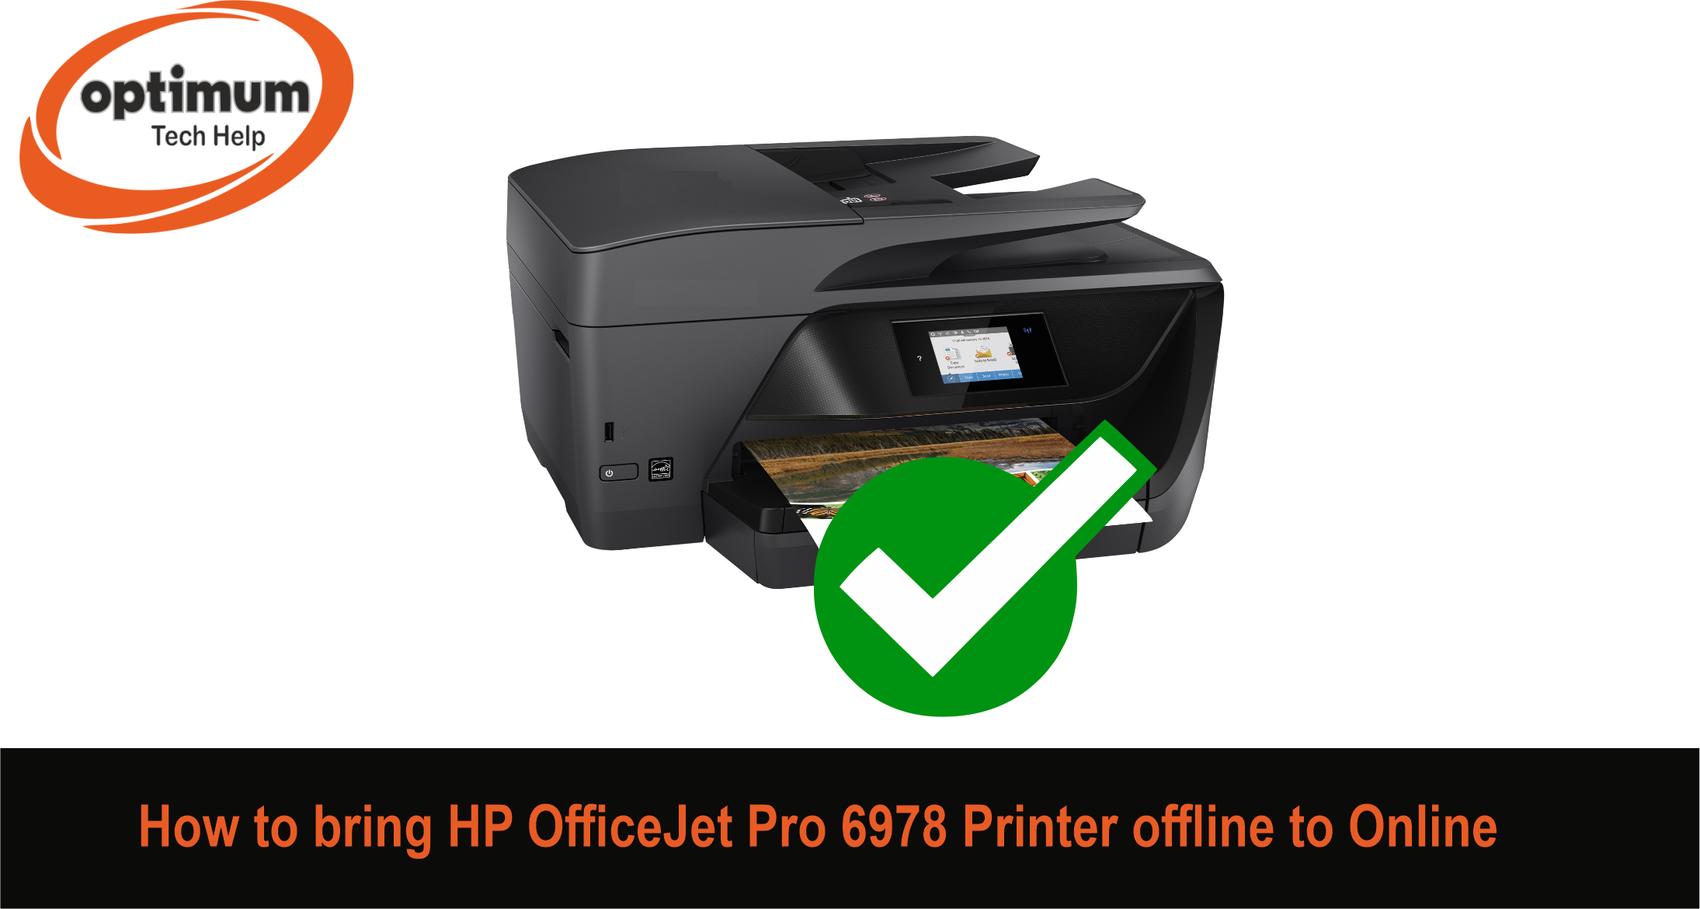 hp officejet pro 6978 offline